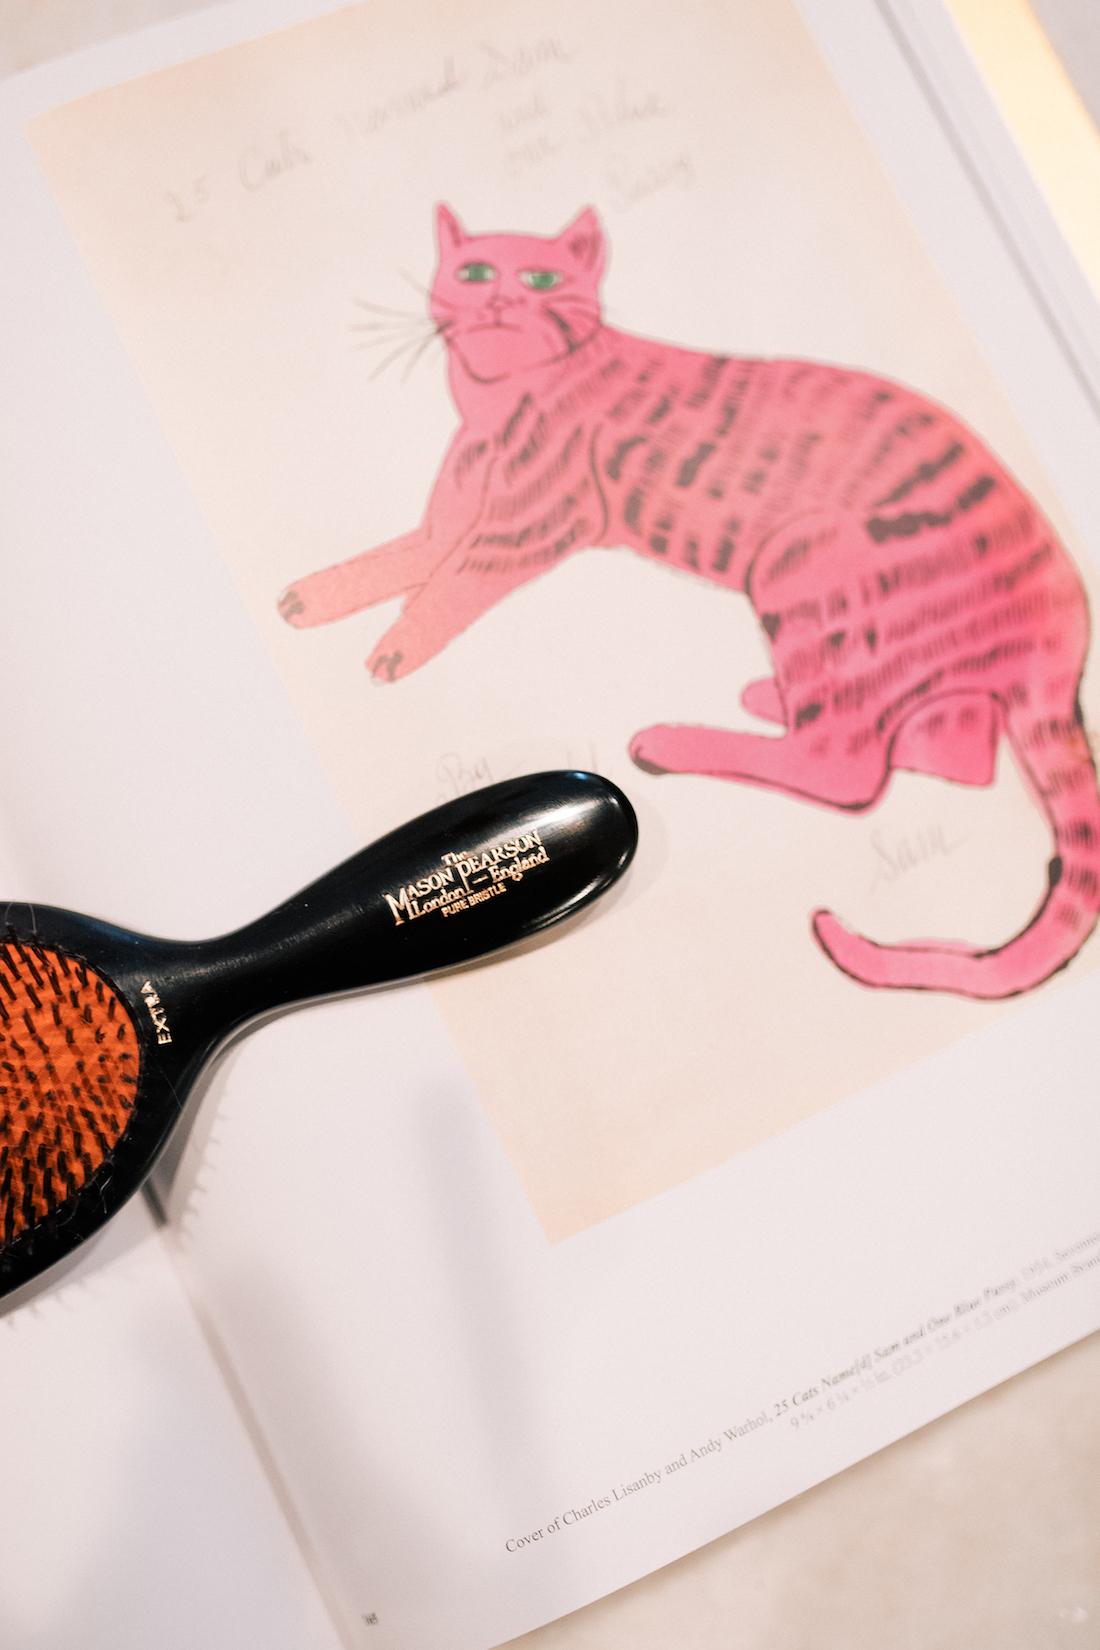 Mason Pearson Hairbrush review.